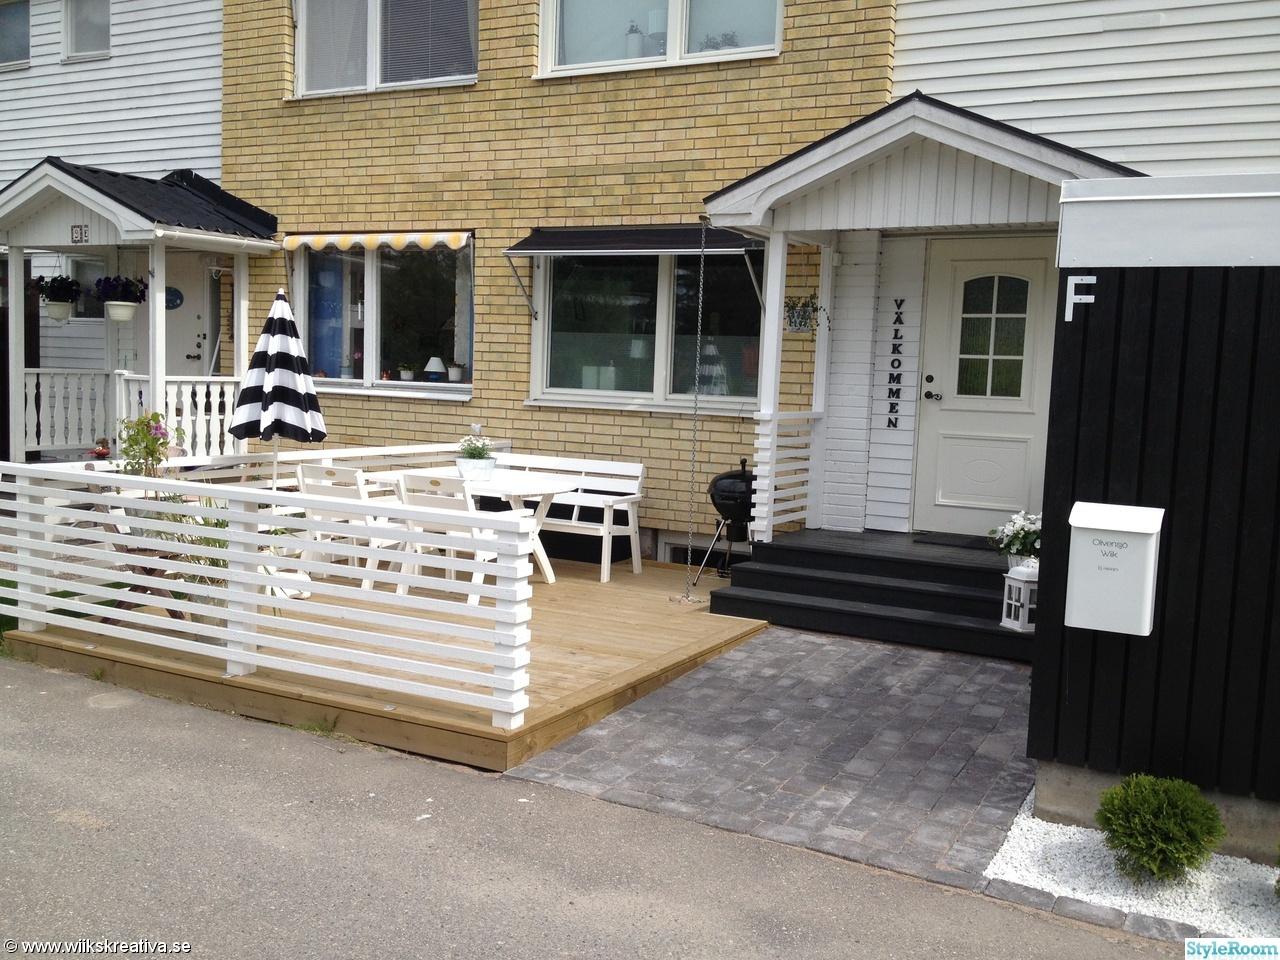 Bygga Vindskydd Altan. Terrasse Halvtag. Bygga Altan Del 04 Bygga ...